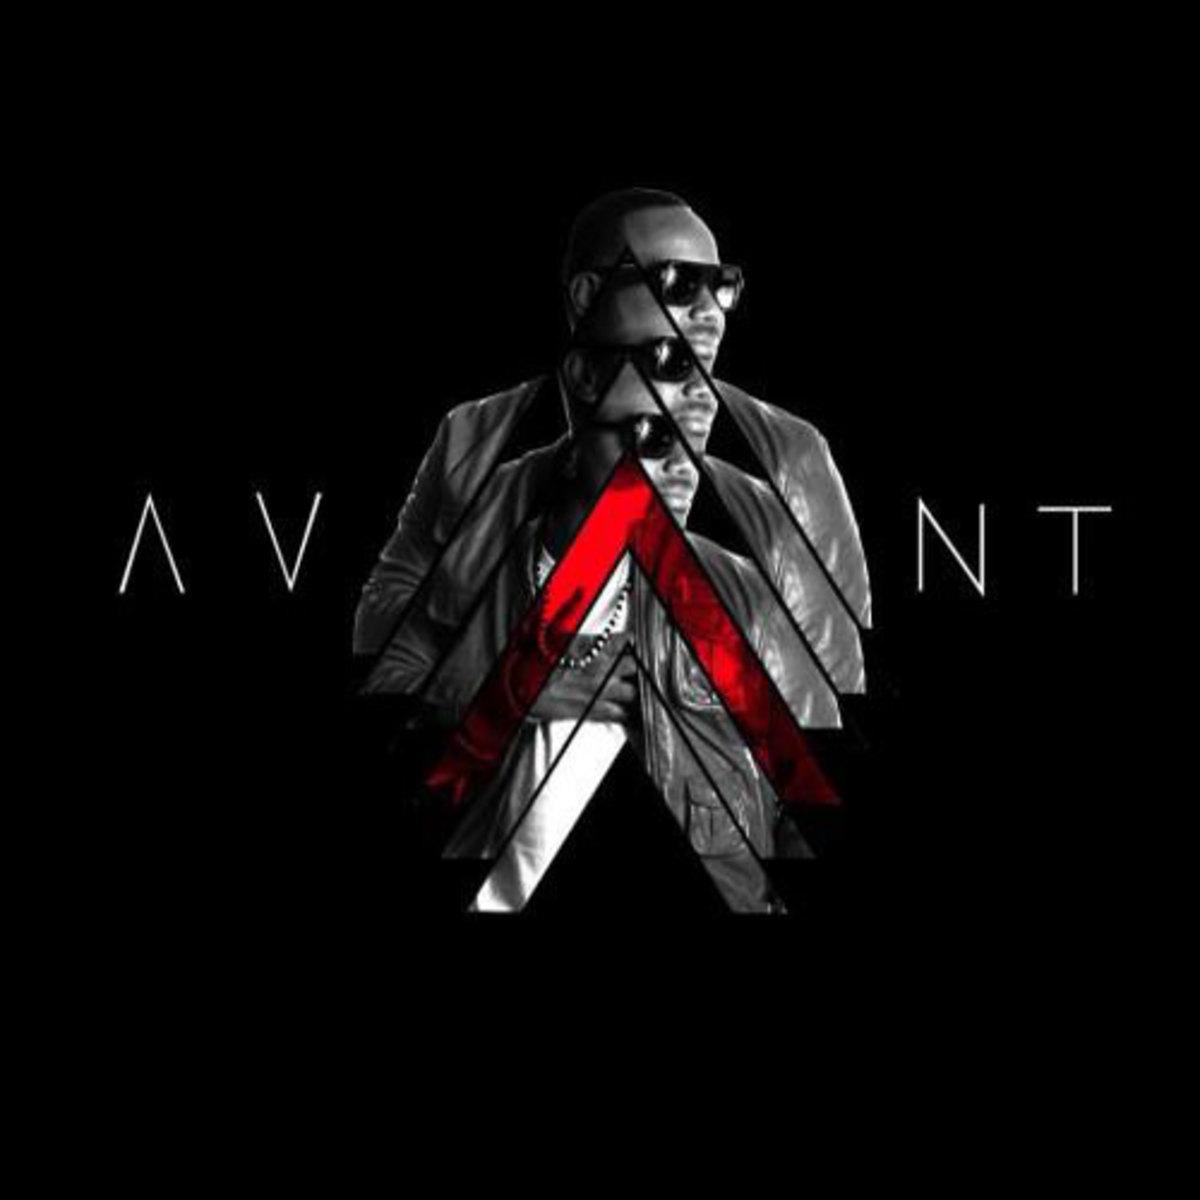 avant-facethemusic.jpg